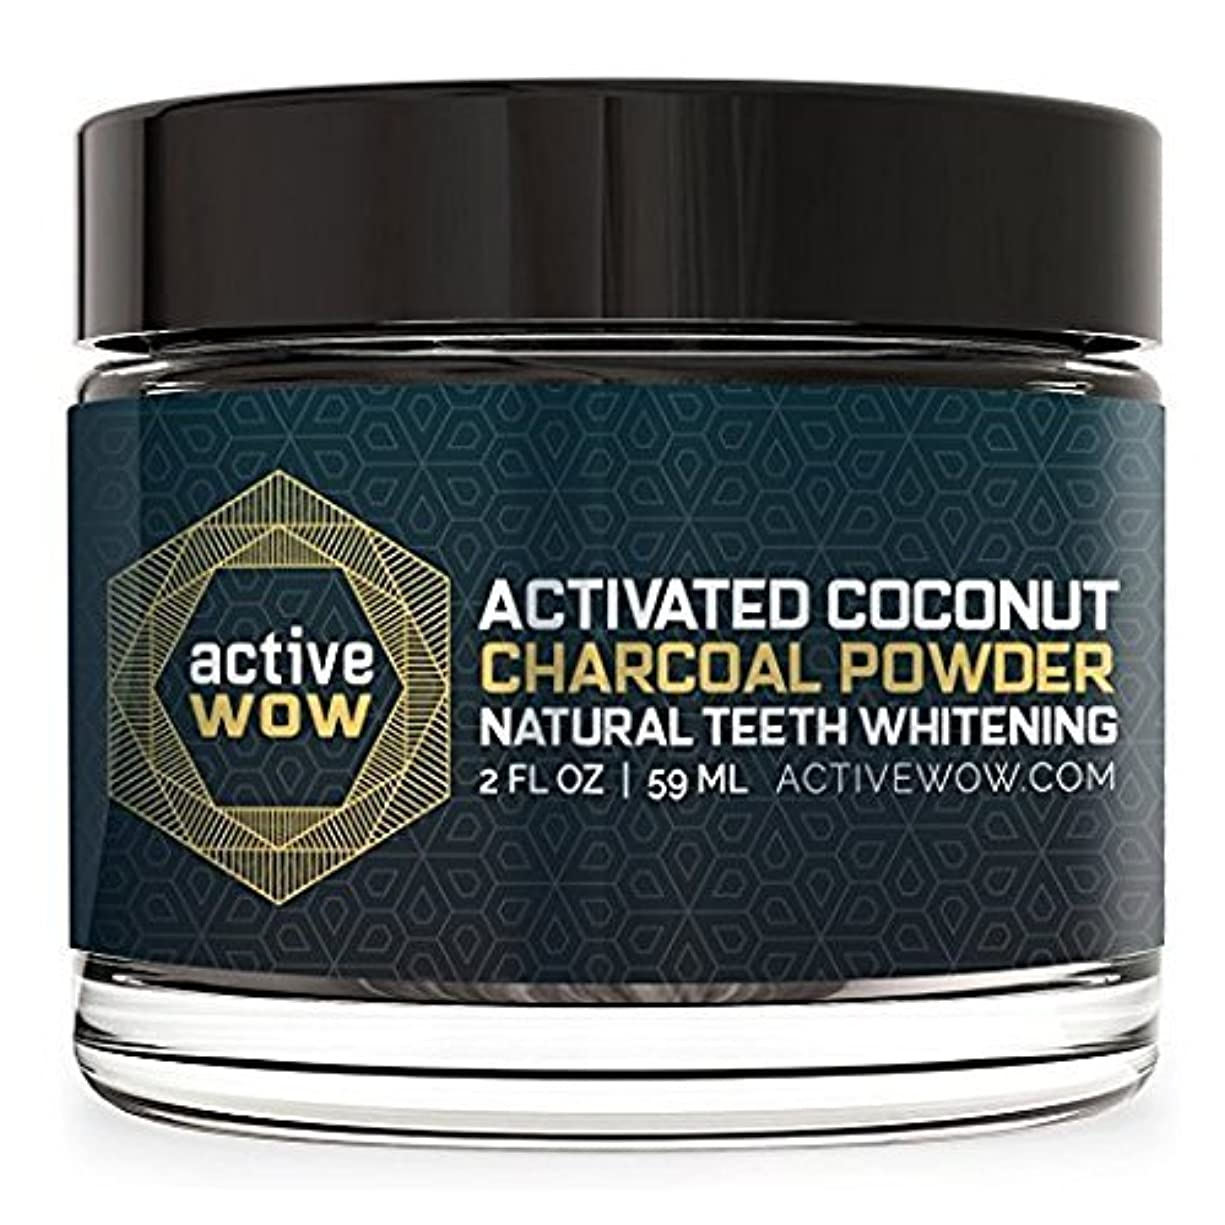 圧力真剣に深めるアメリカで売れている 炭パウダー歯のホワイトニング Teeth Whitening Charcoal Powder Natural [並行輸入品]